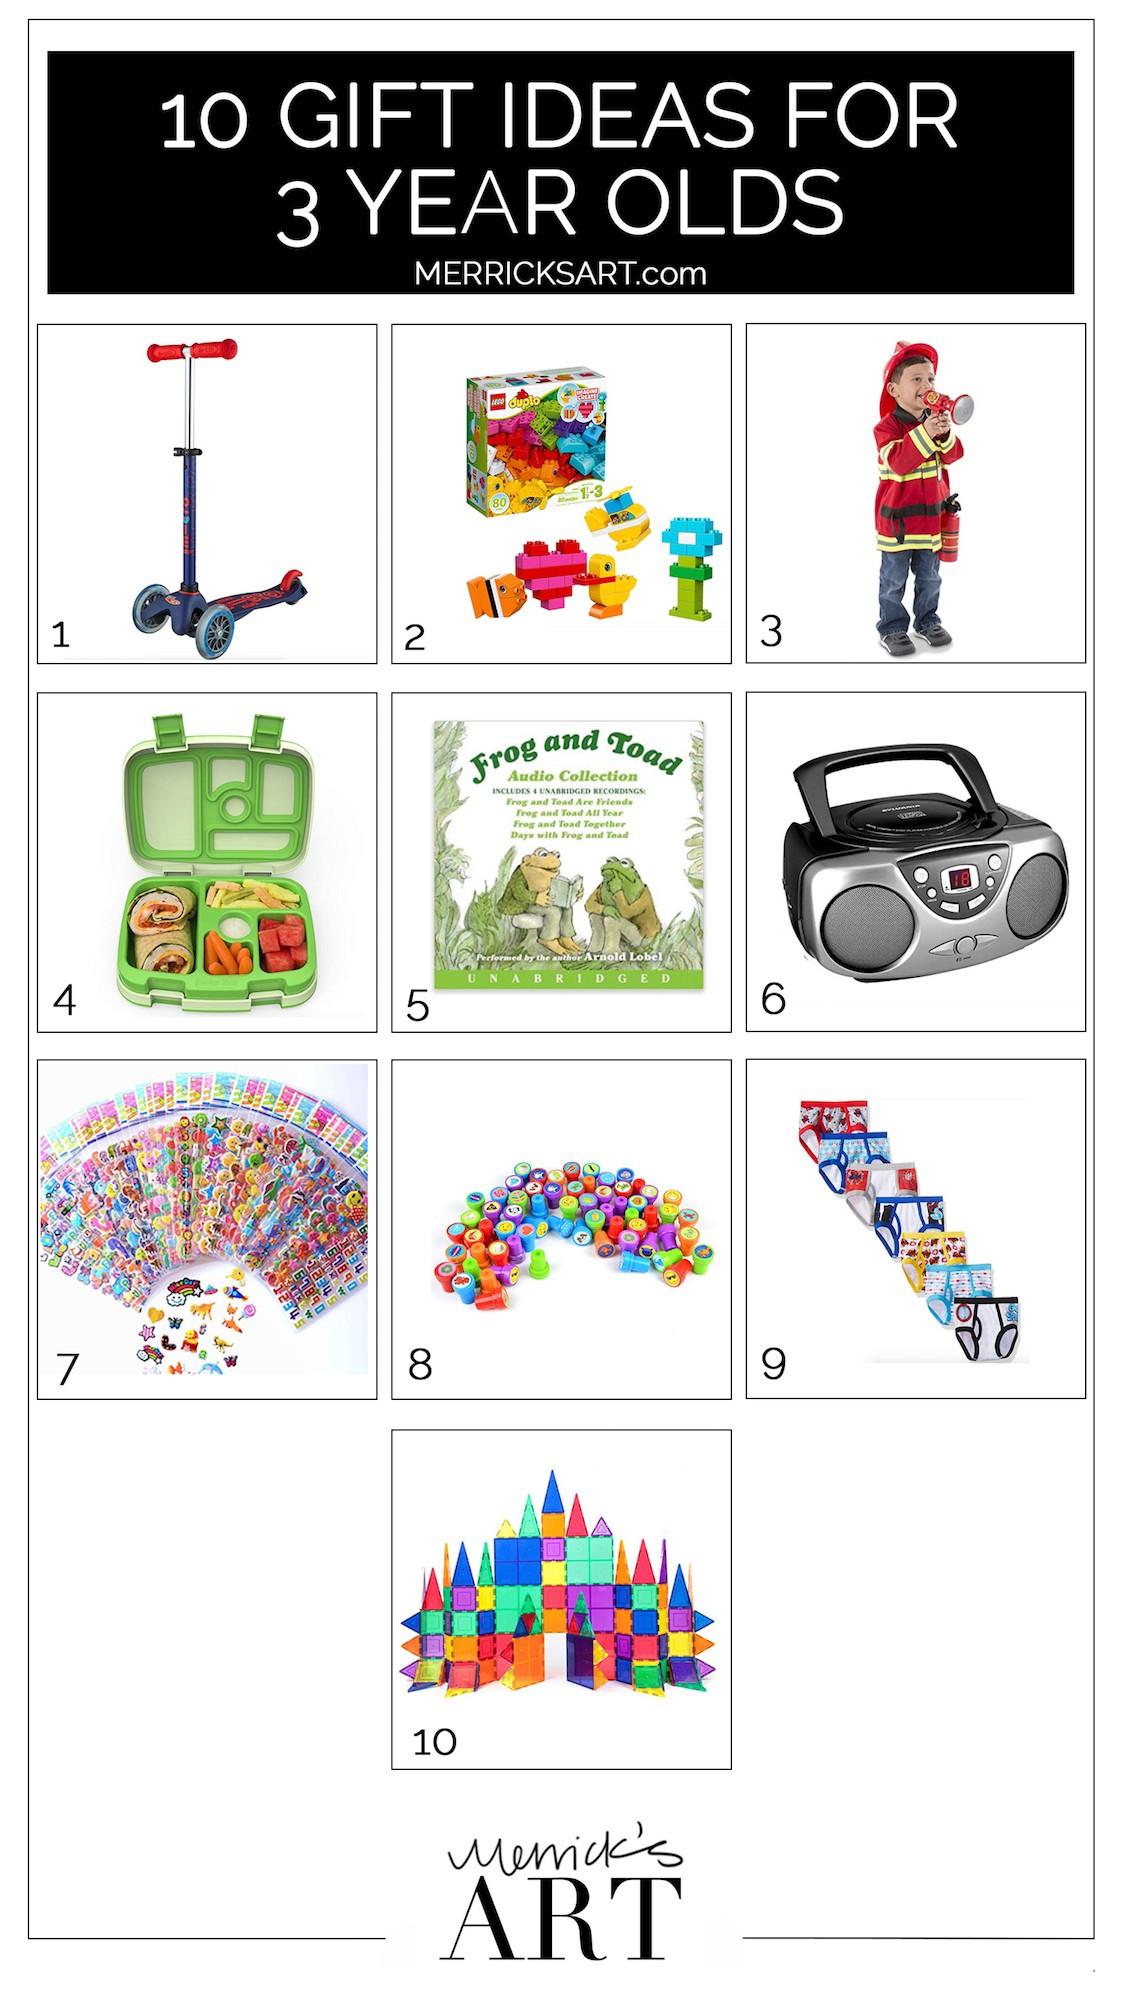 Birthday Gift Ideas 3 Year Old Boy  10 Birthday Gift Ideas for a 3 Year Old Boy